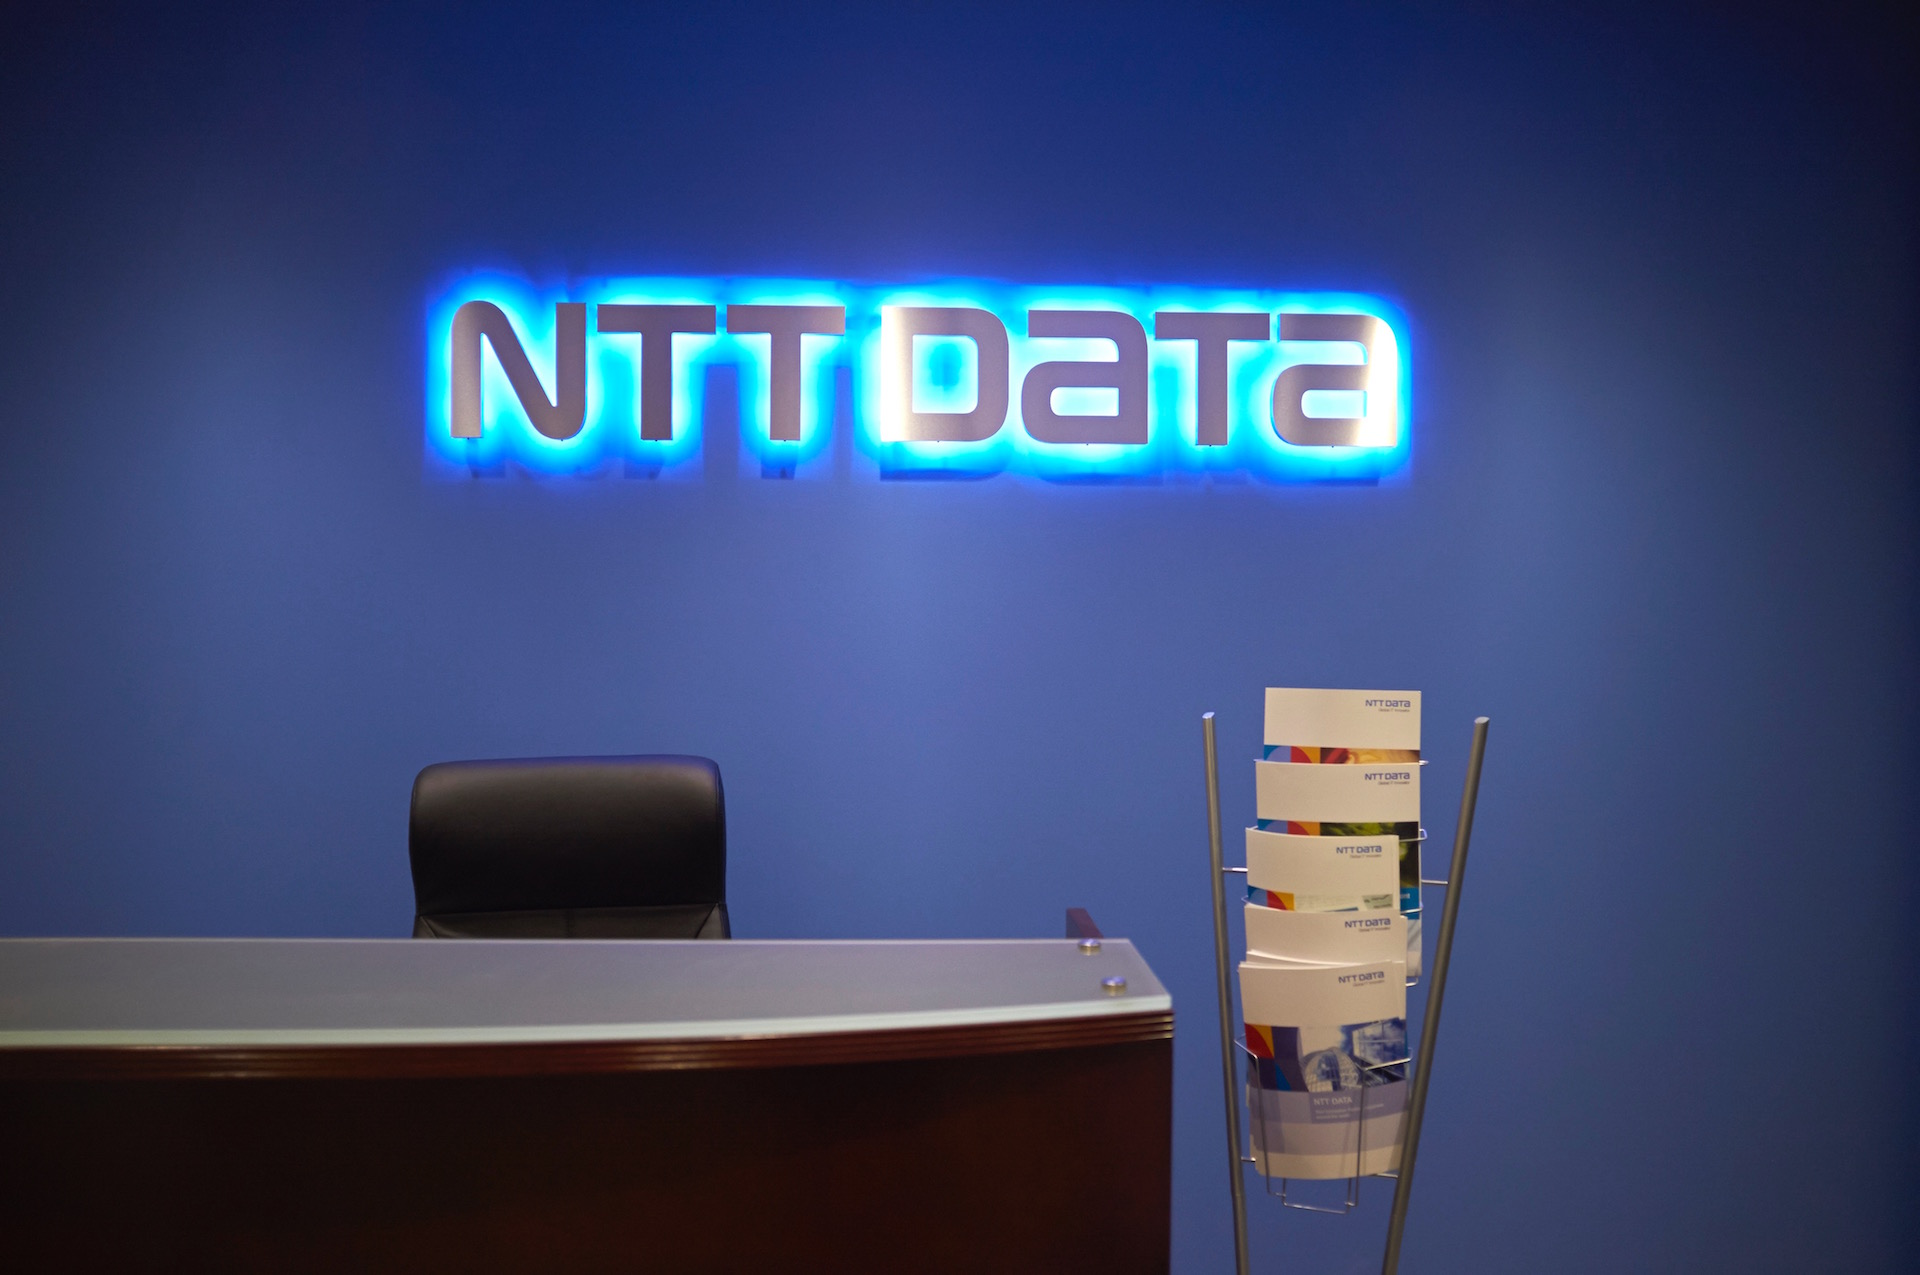 NTT Data Wall Sign